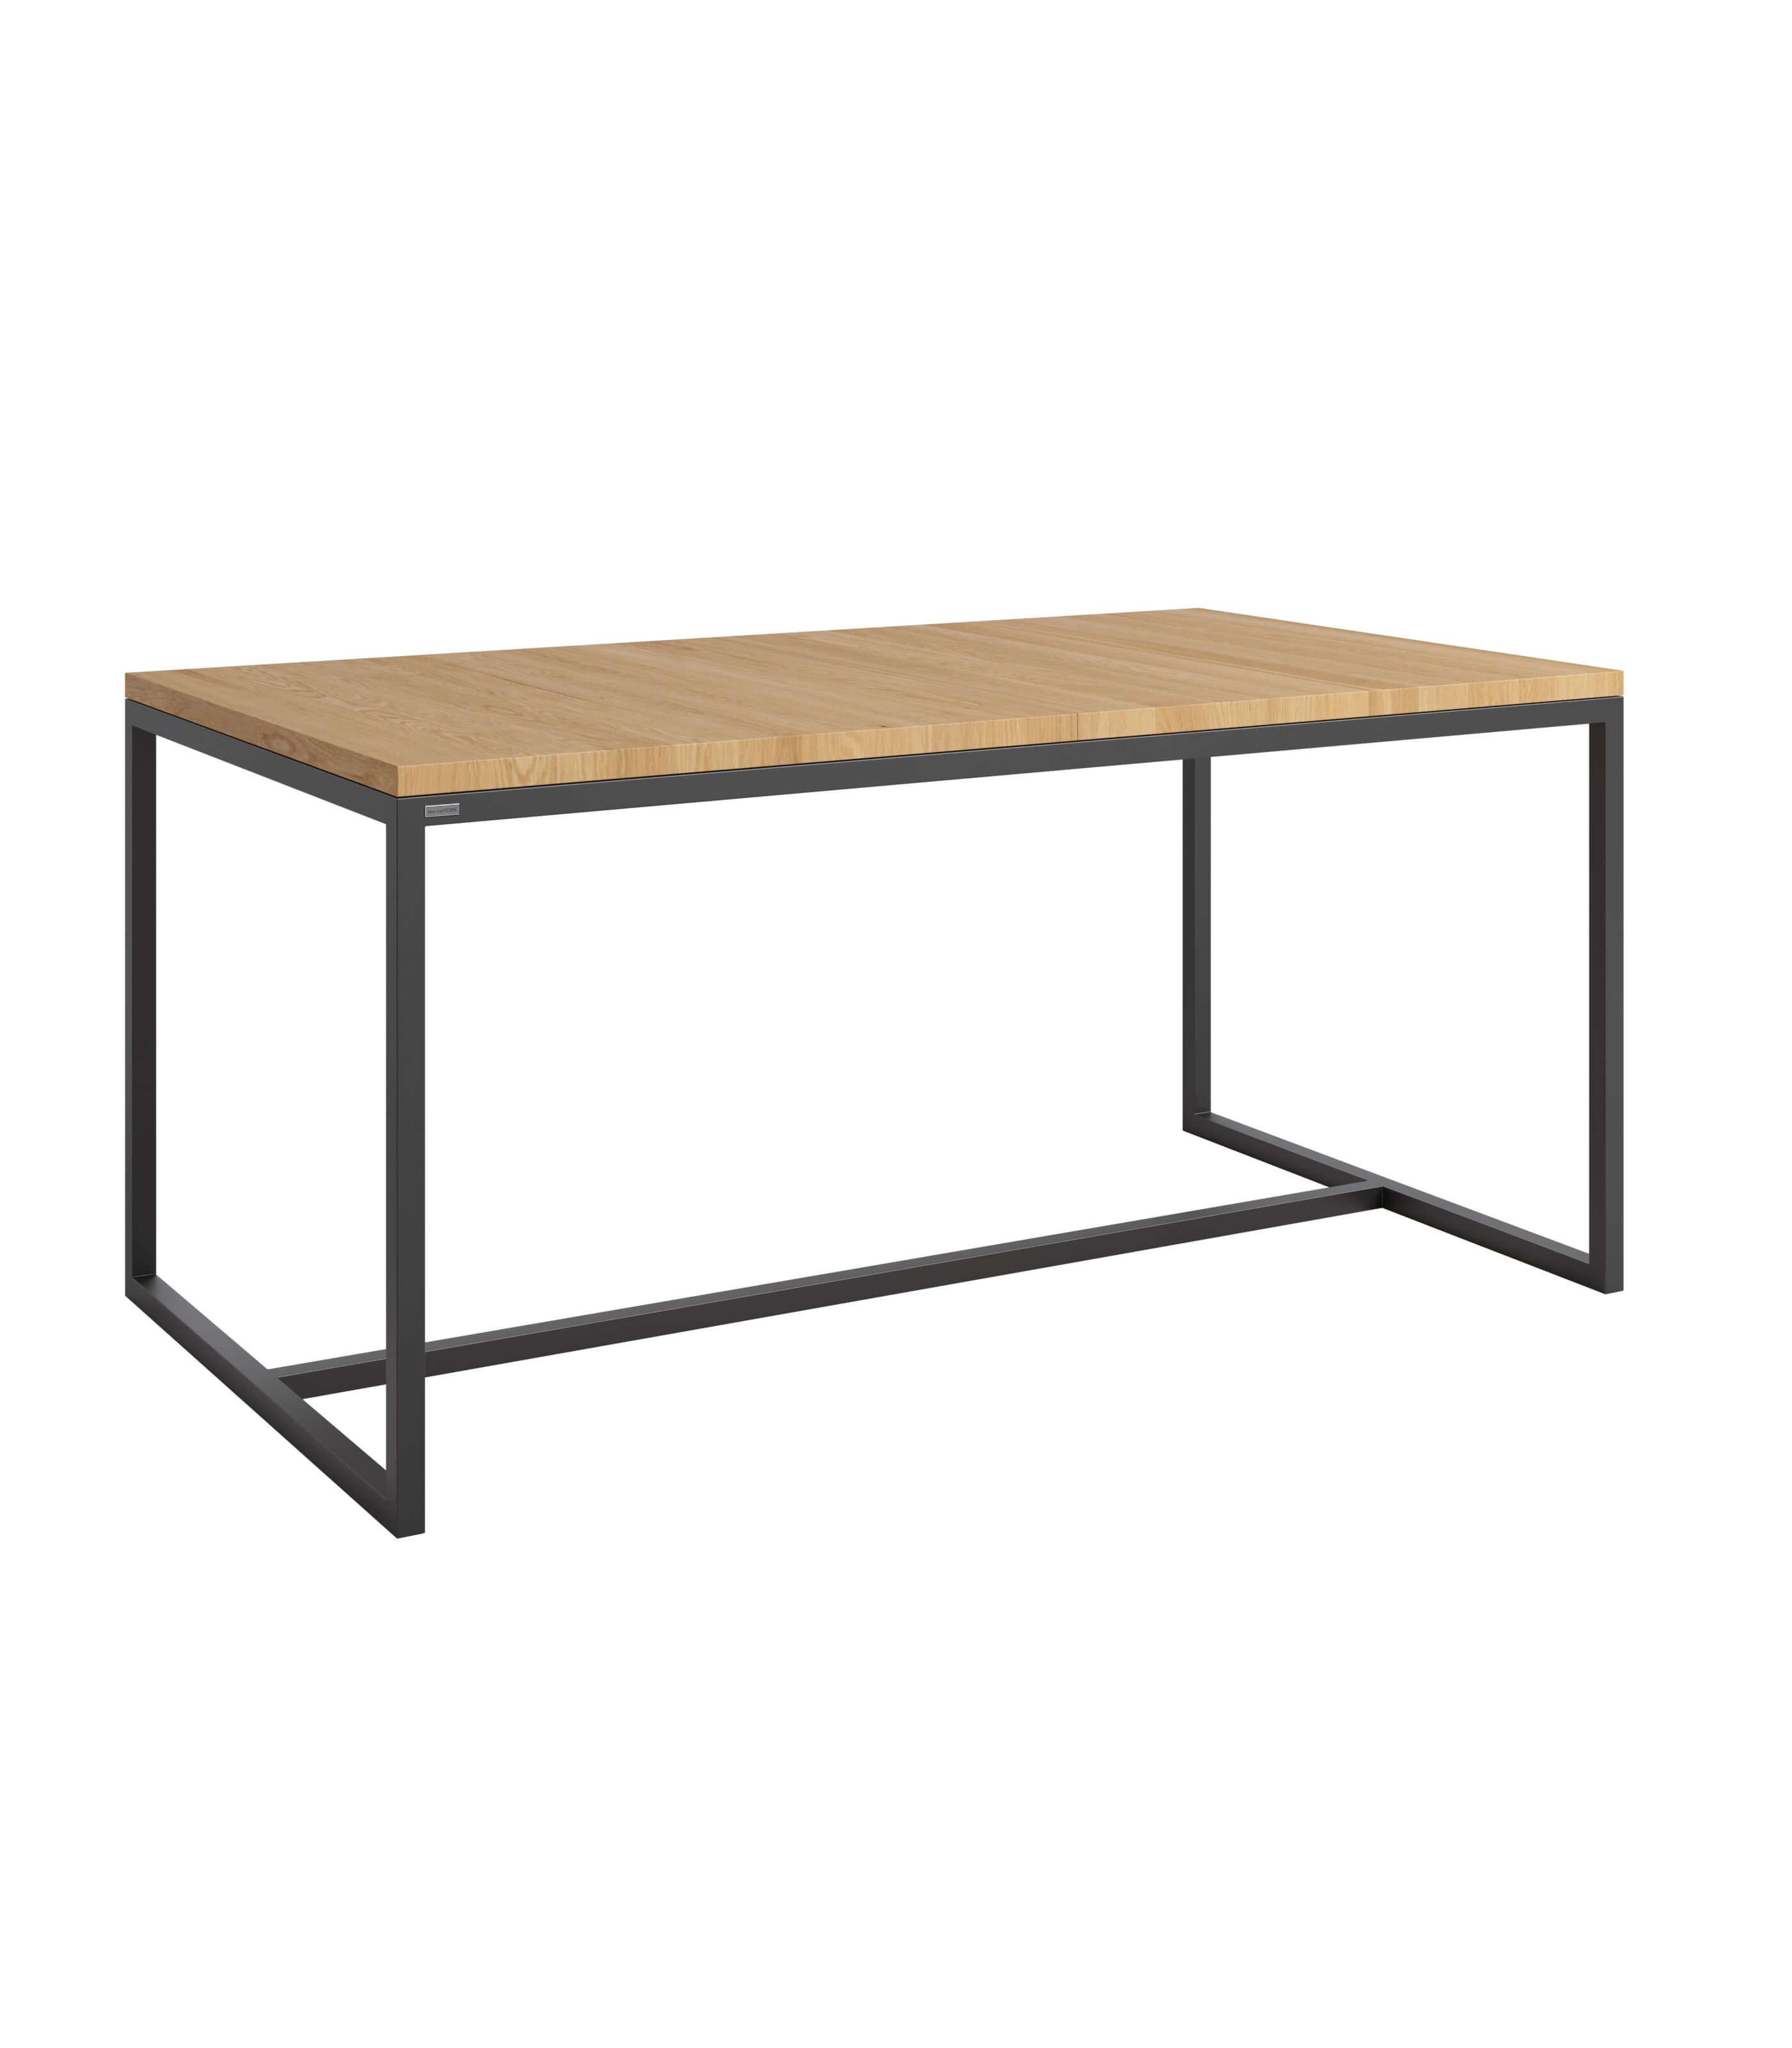 loftowy stół rozkładany dębowy